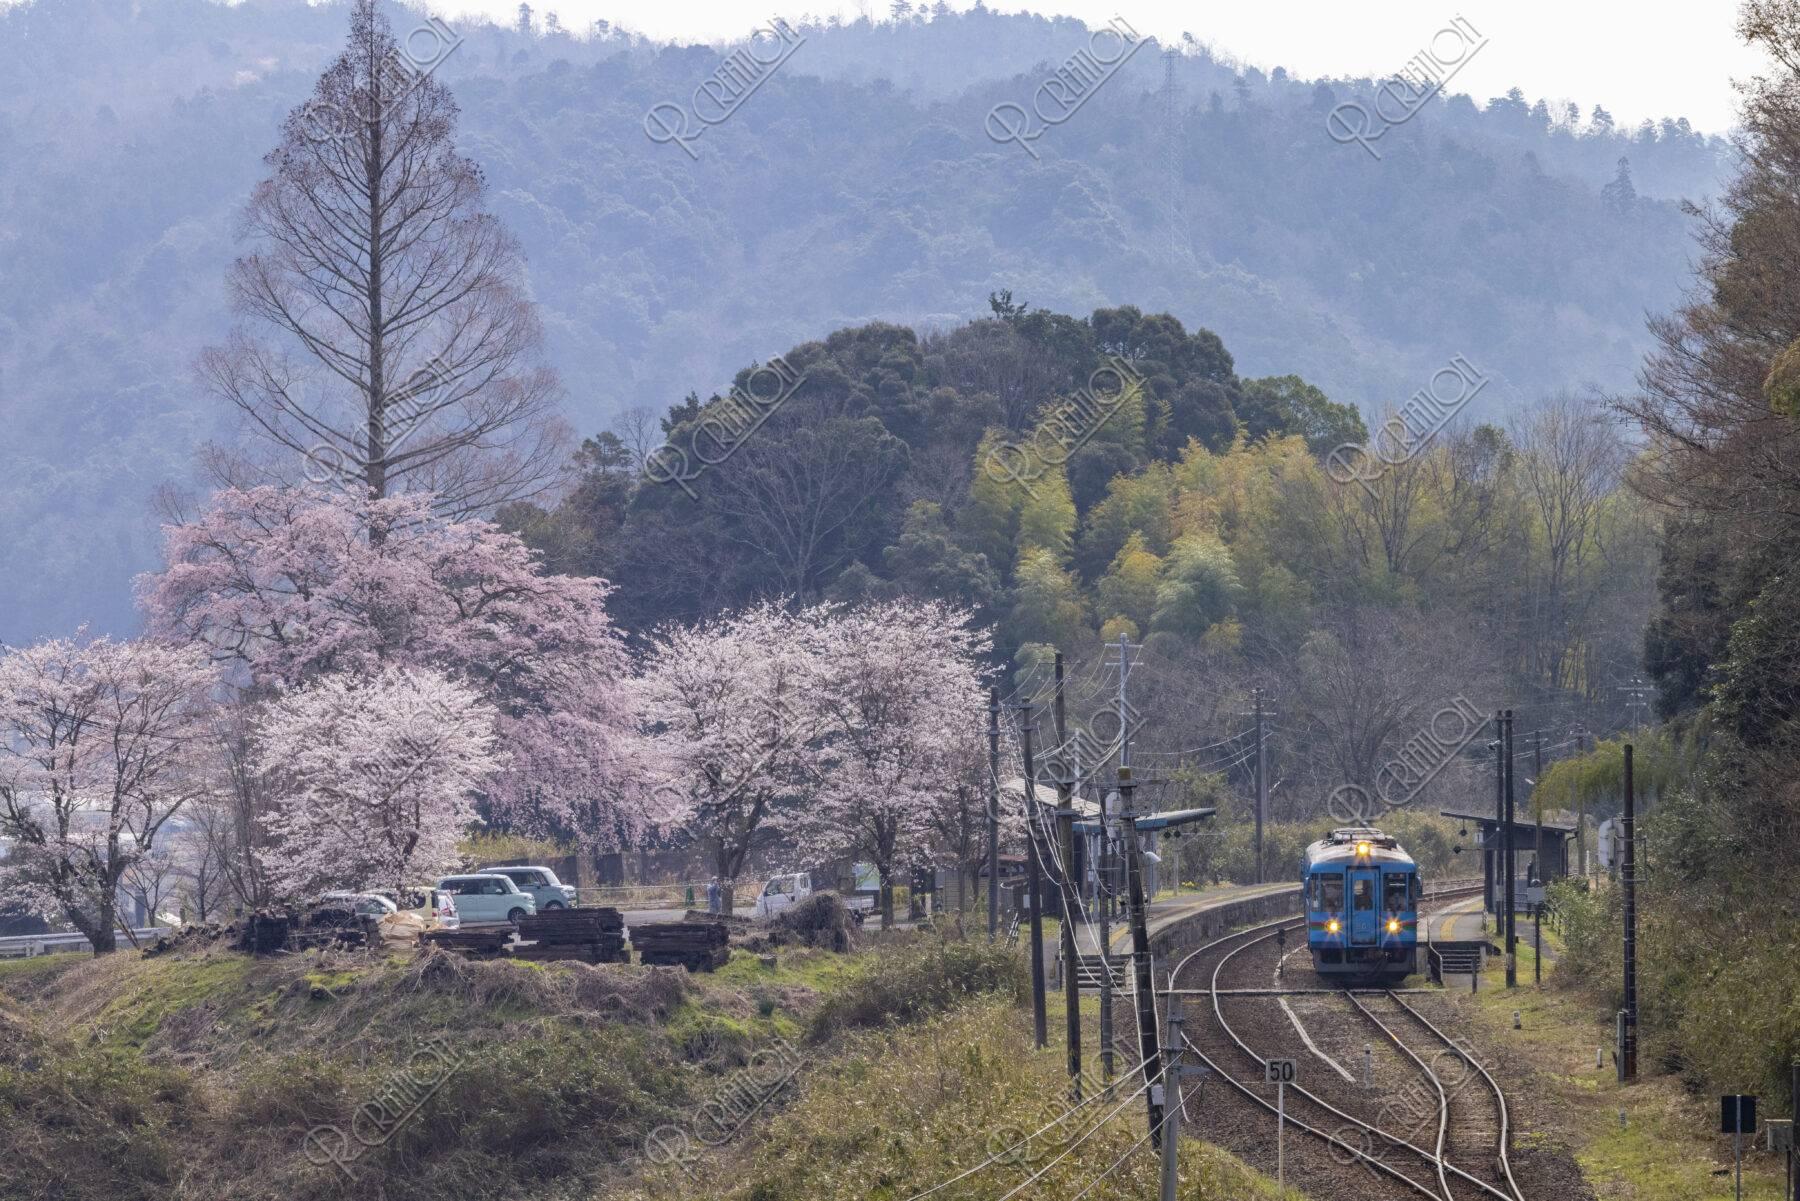 京都丹後鉄道 丹後あおまつ1号